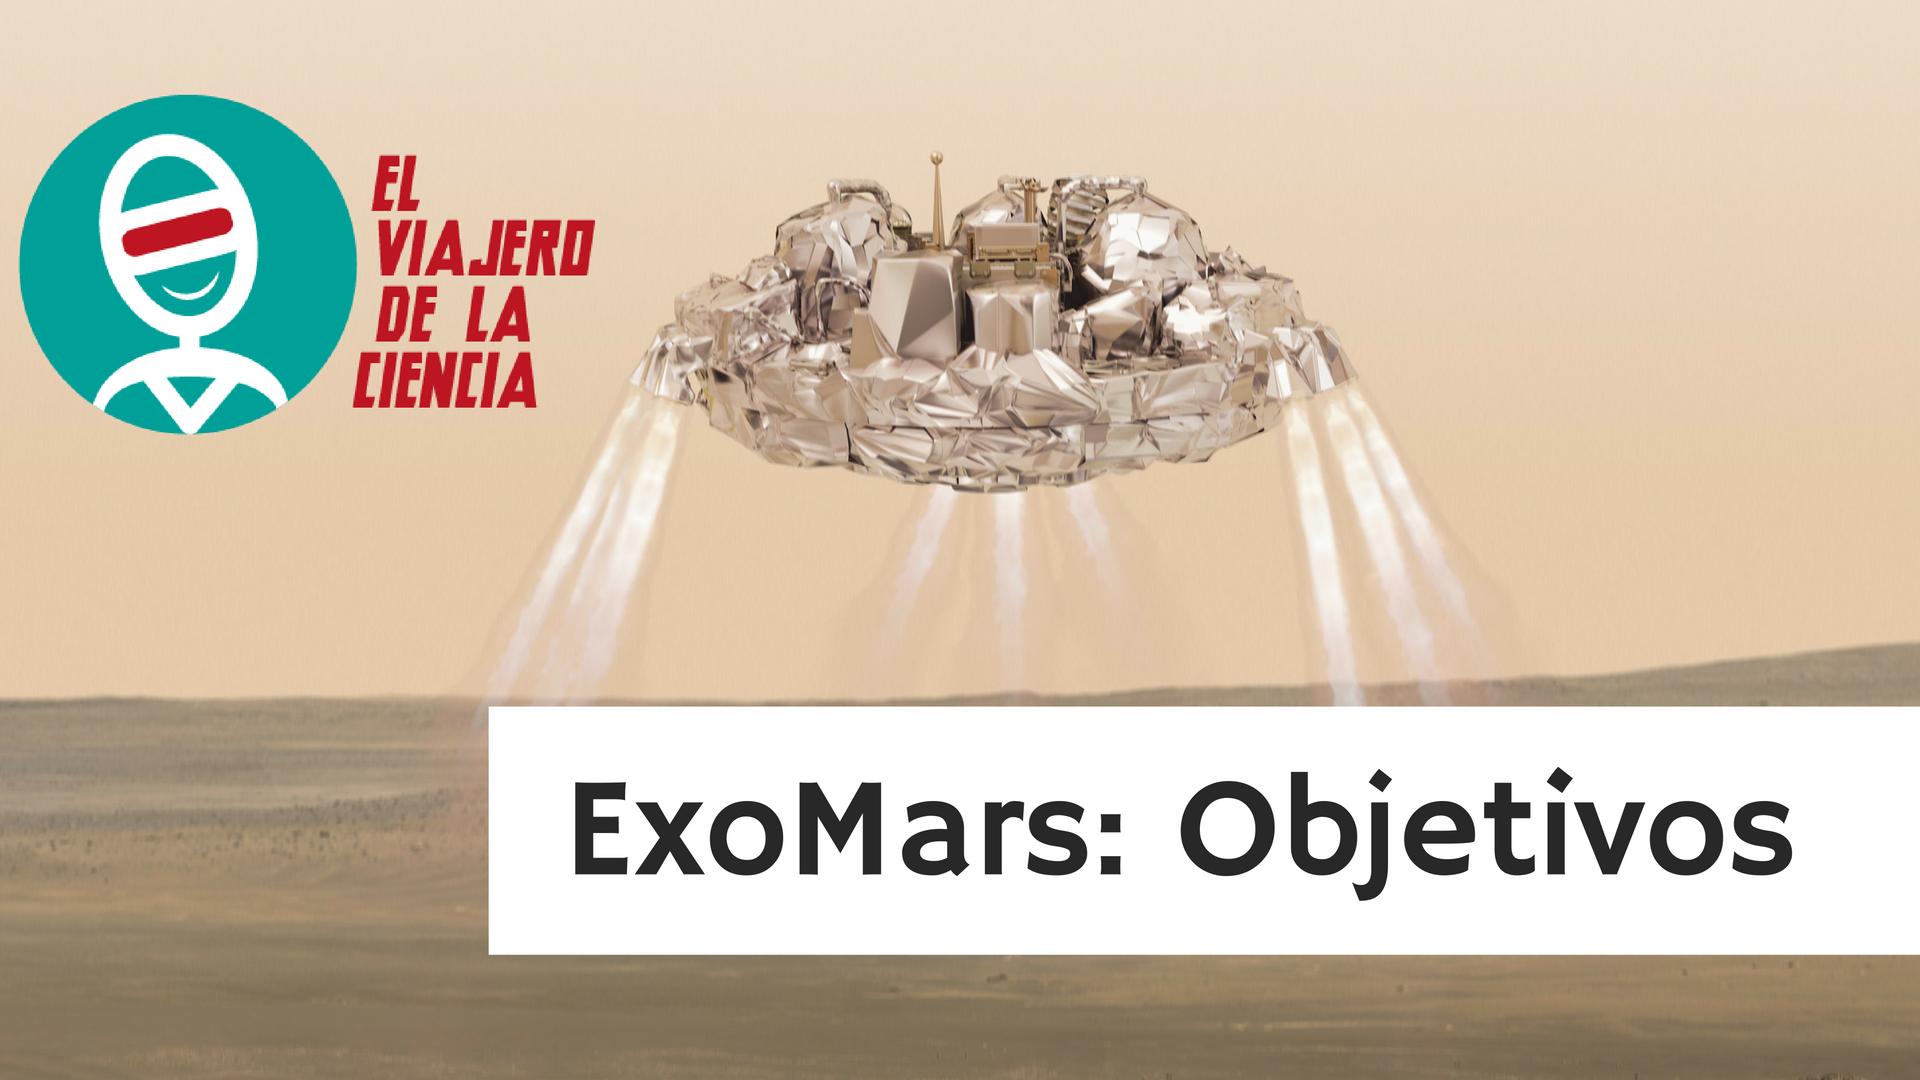 20161014-viajerociencia-exomars